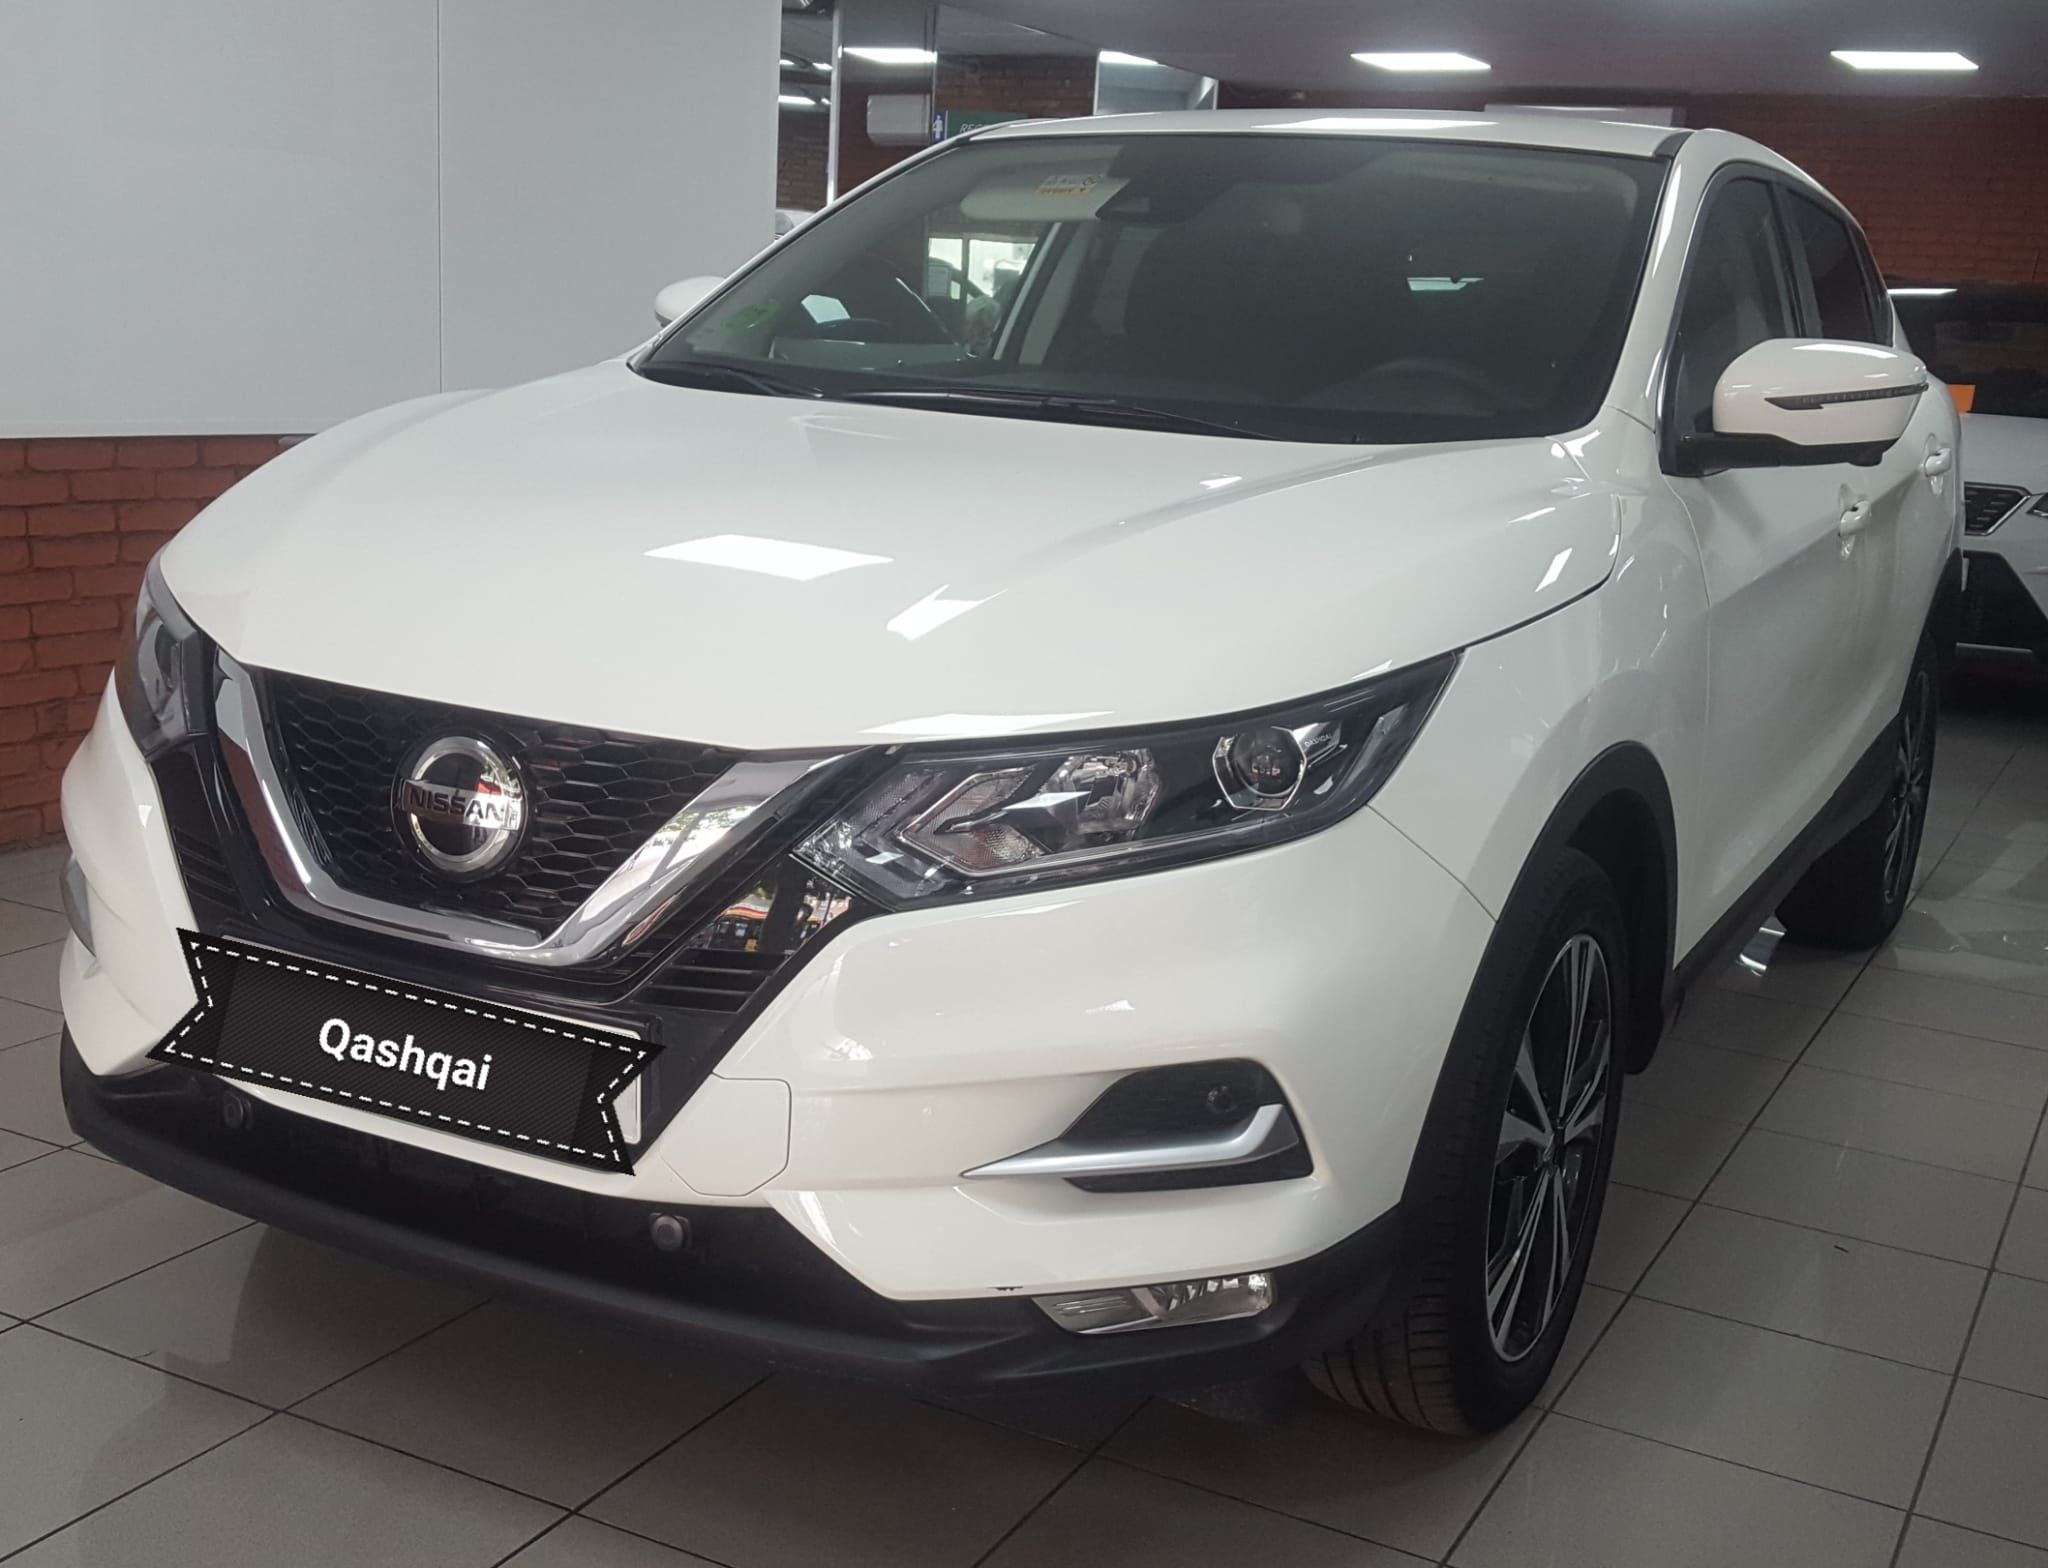 Nissan Qashqai 1.3 DRG T DCT I  160CV N- connecta:  de Automòbils Rambla